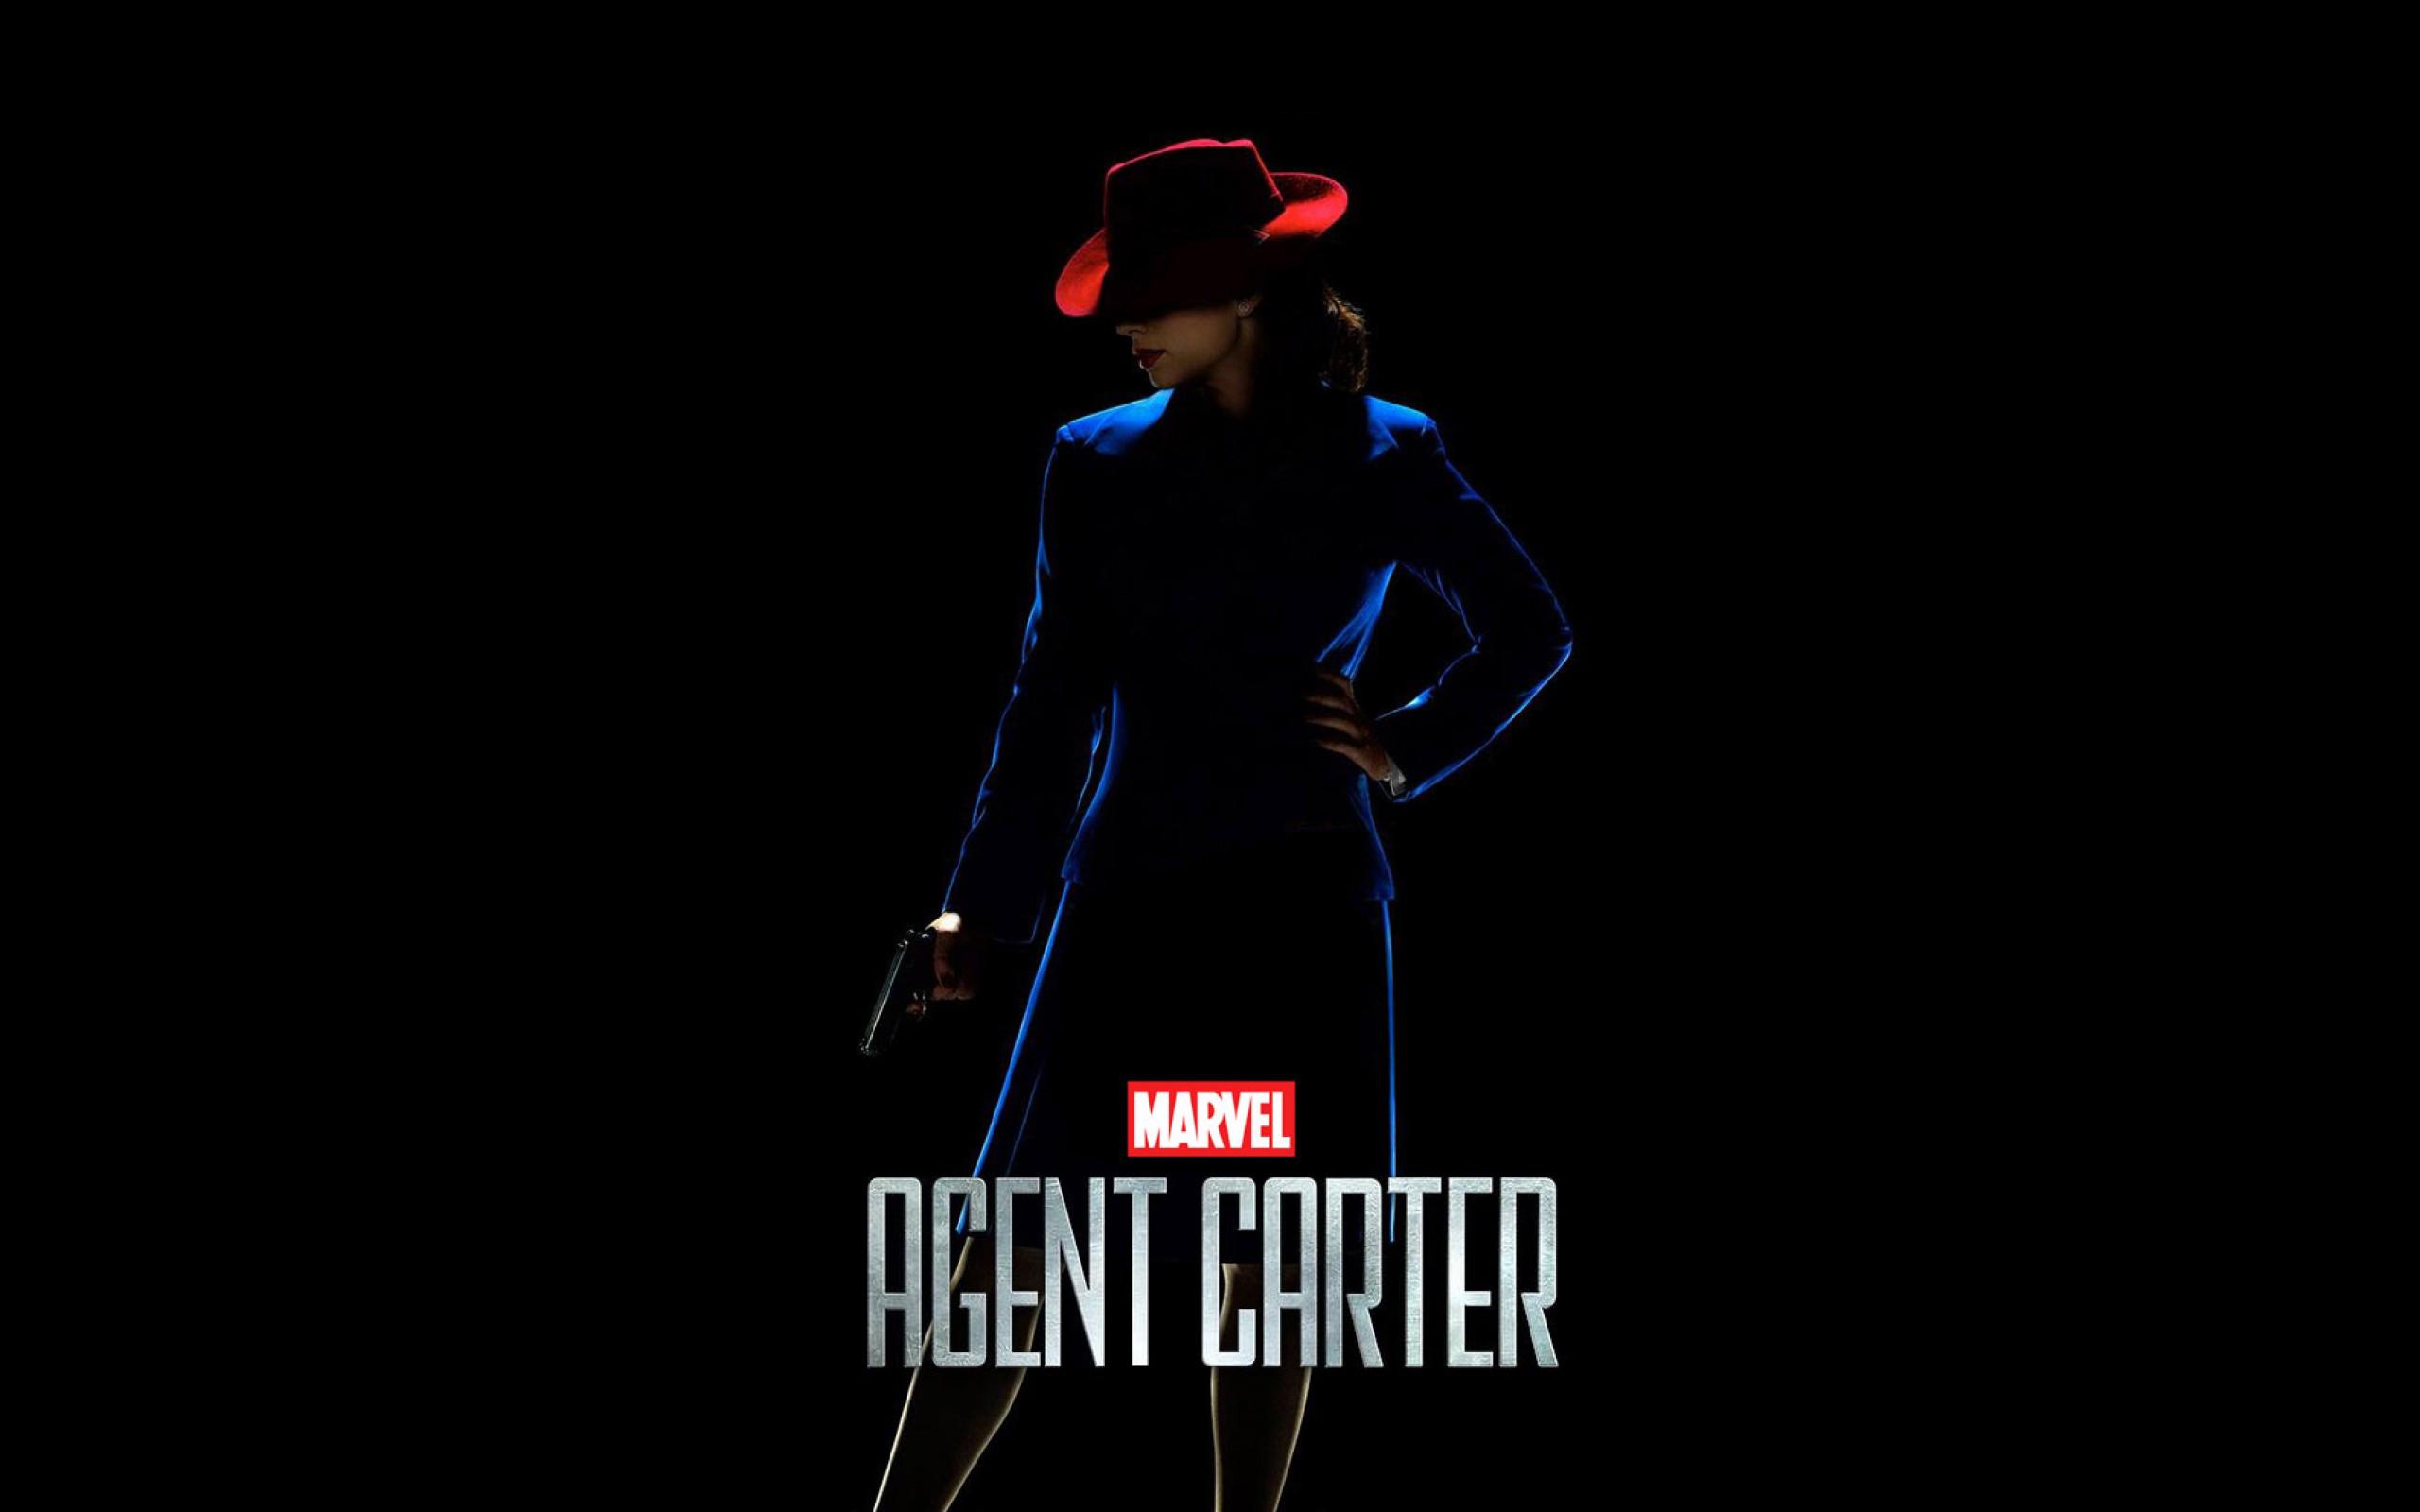 Agent Carter wallpaper 4